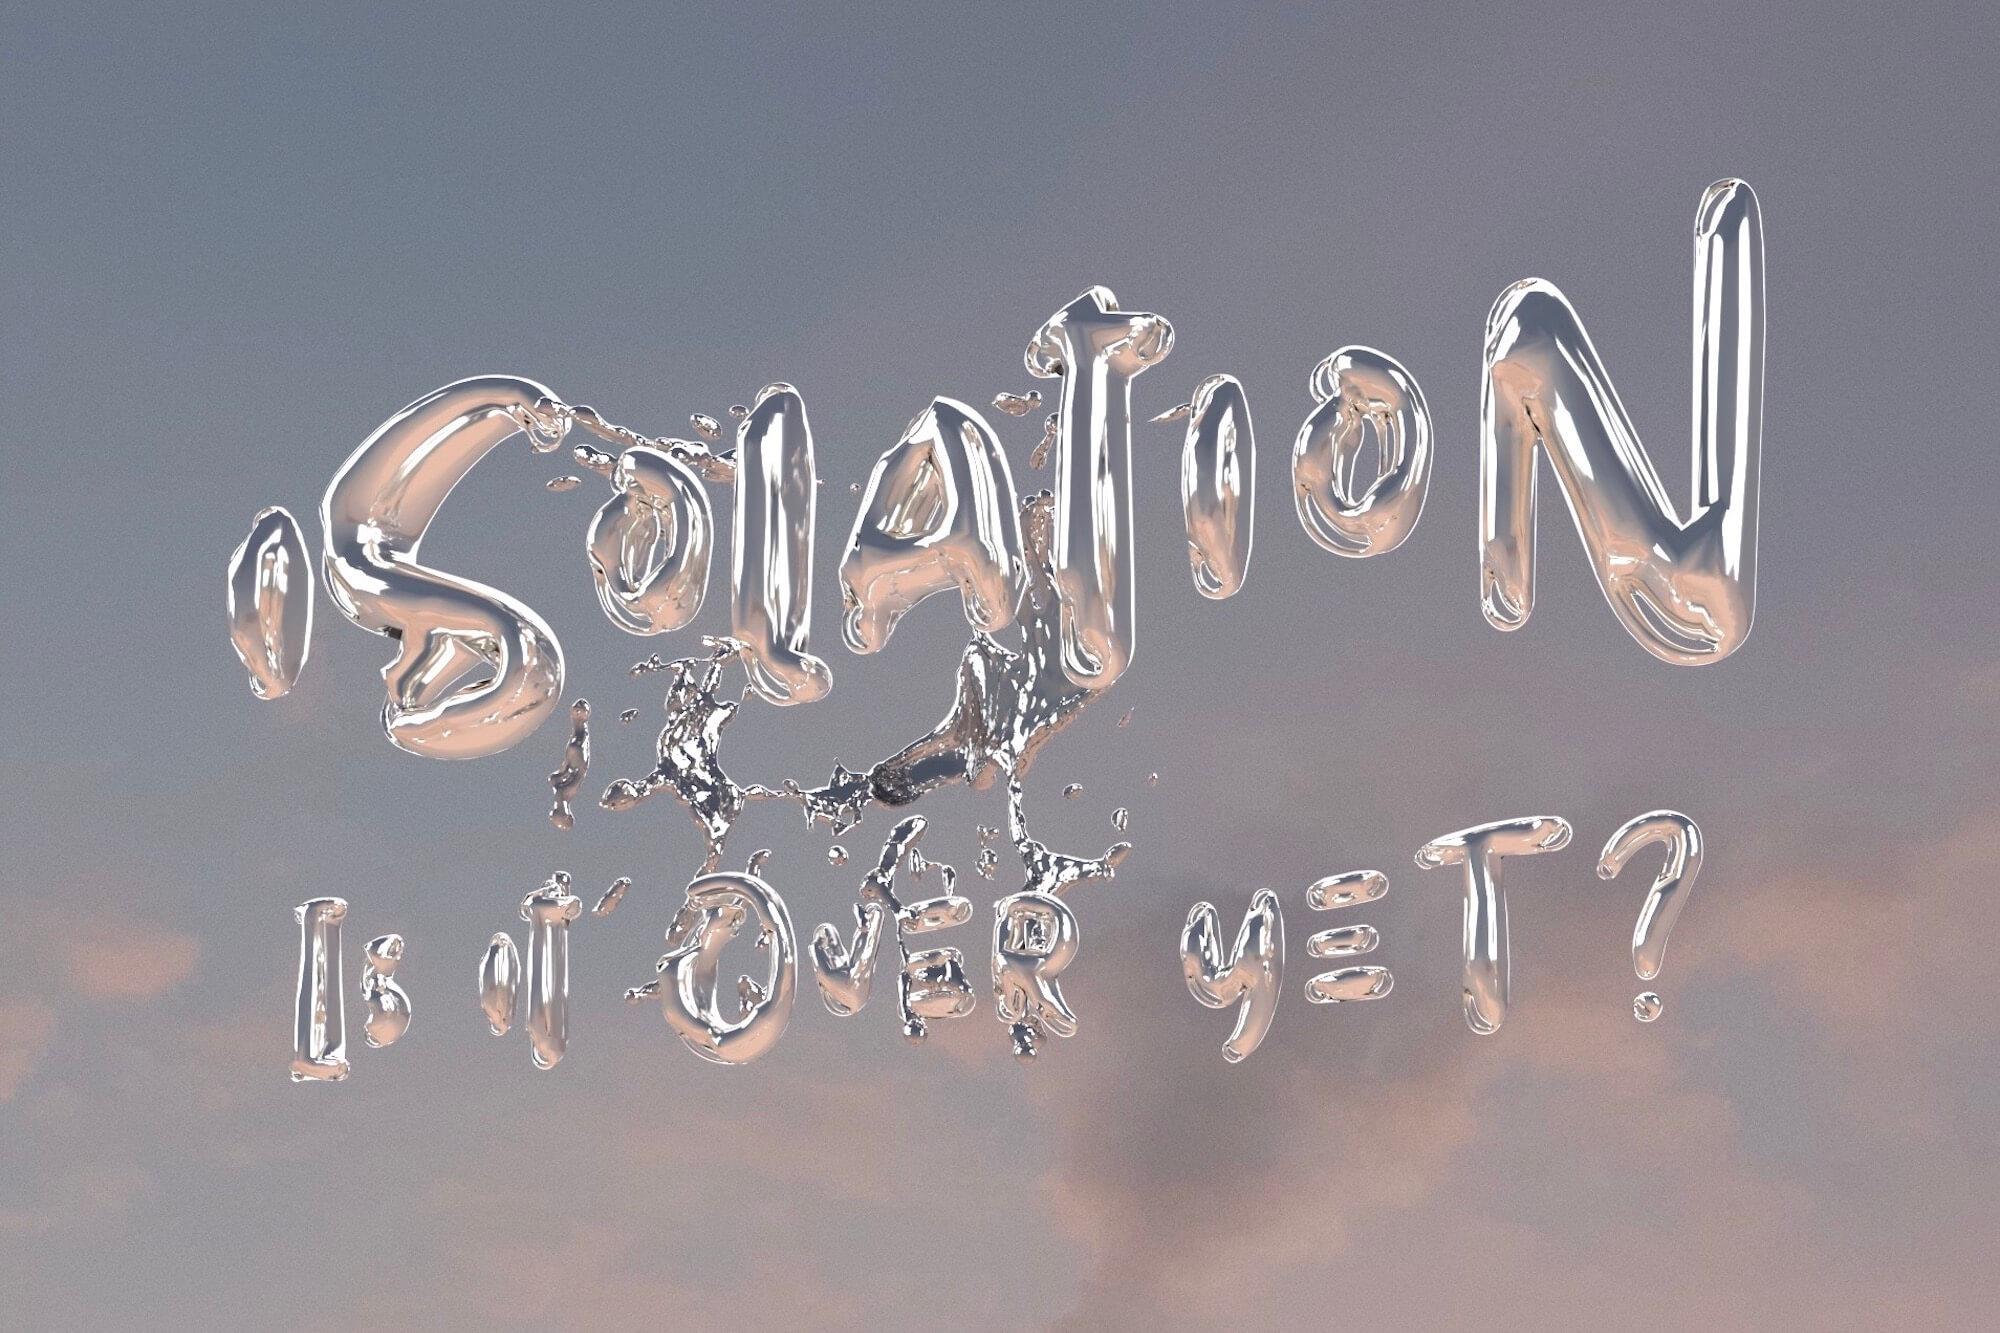 """In der Ausstellung """"iSOLATION. is it over yet?"""" zeigt der italienisch-schweizerische Künstler Andy Picci seine Kunstwerke in einem Augmented Reality-Filter im sozialen Netzwerk Instagram."""